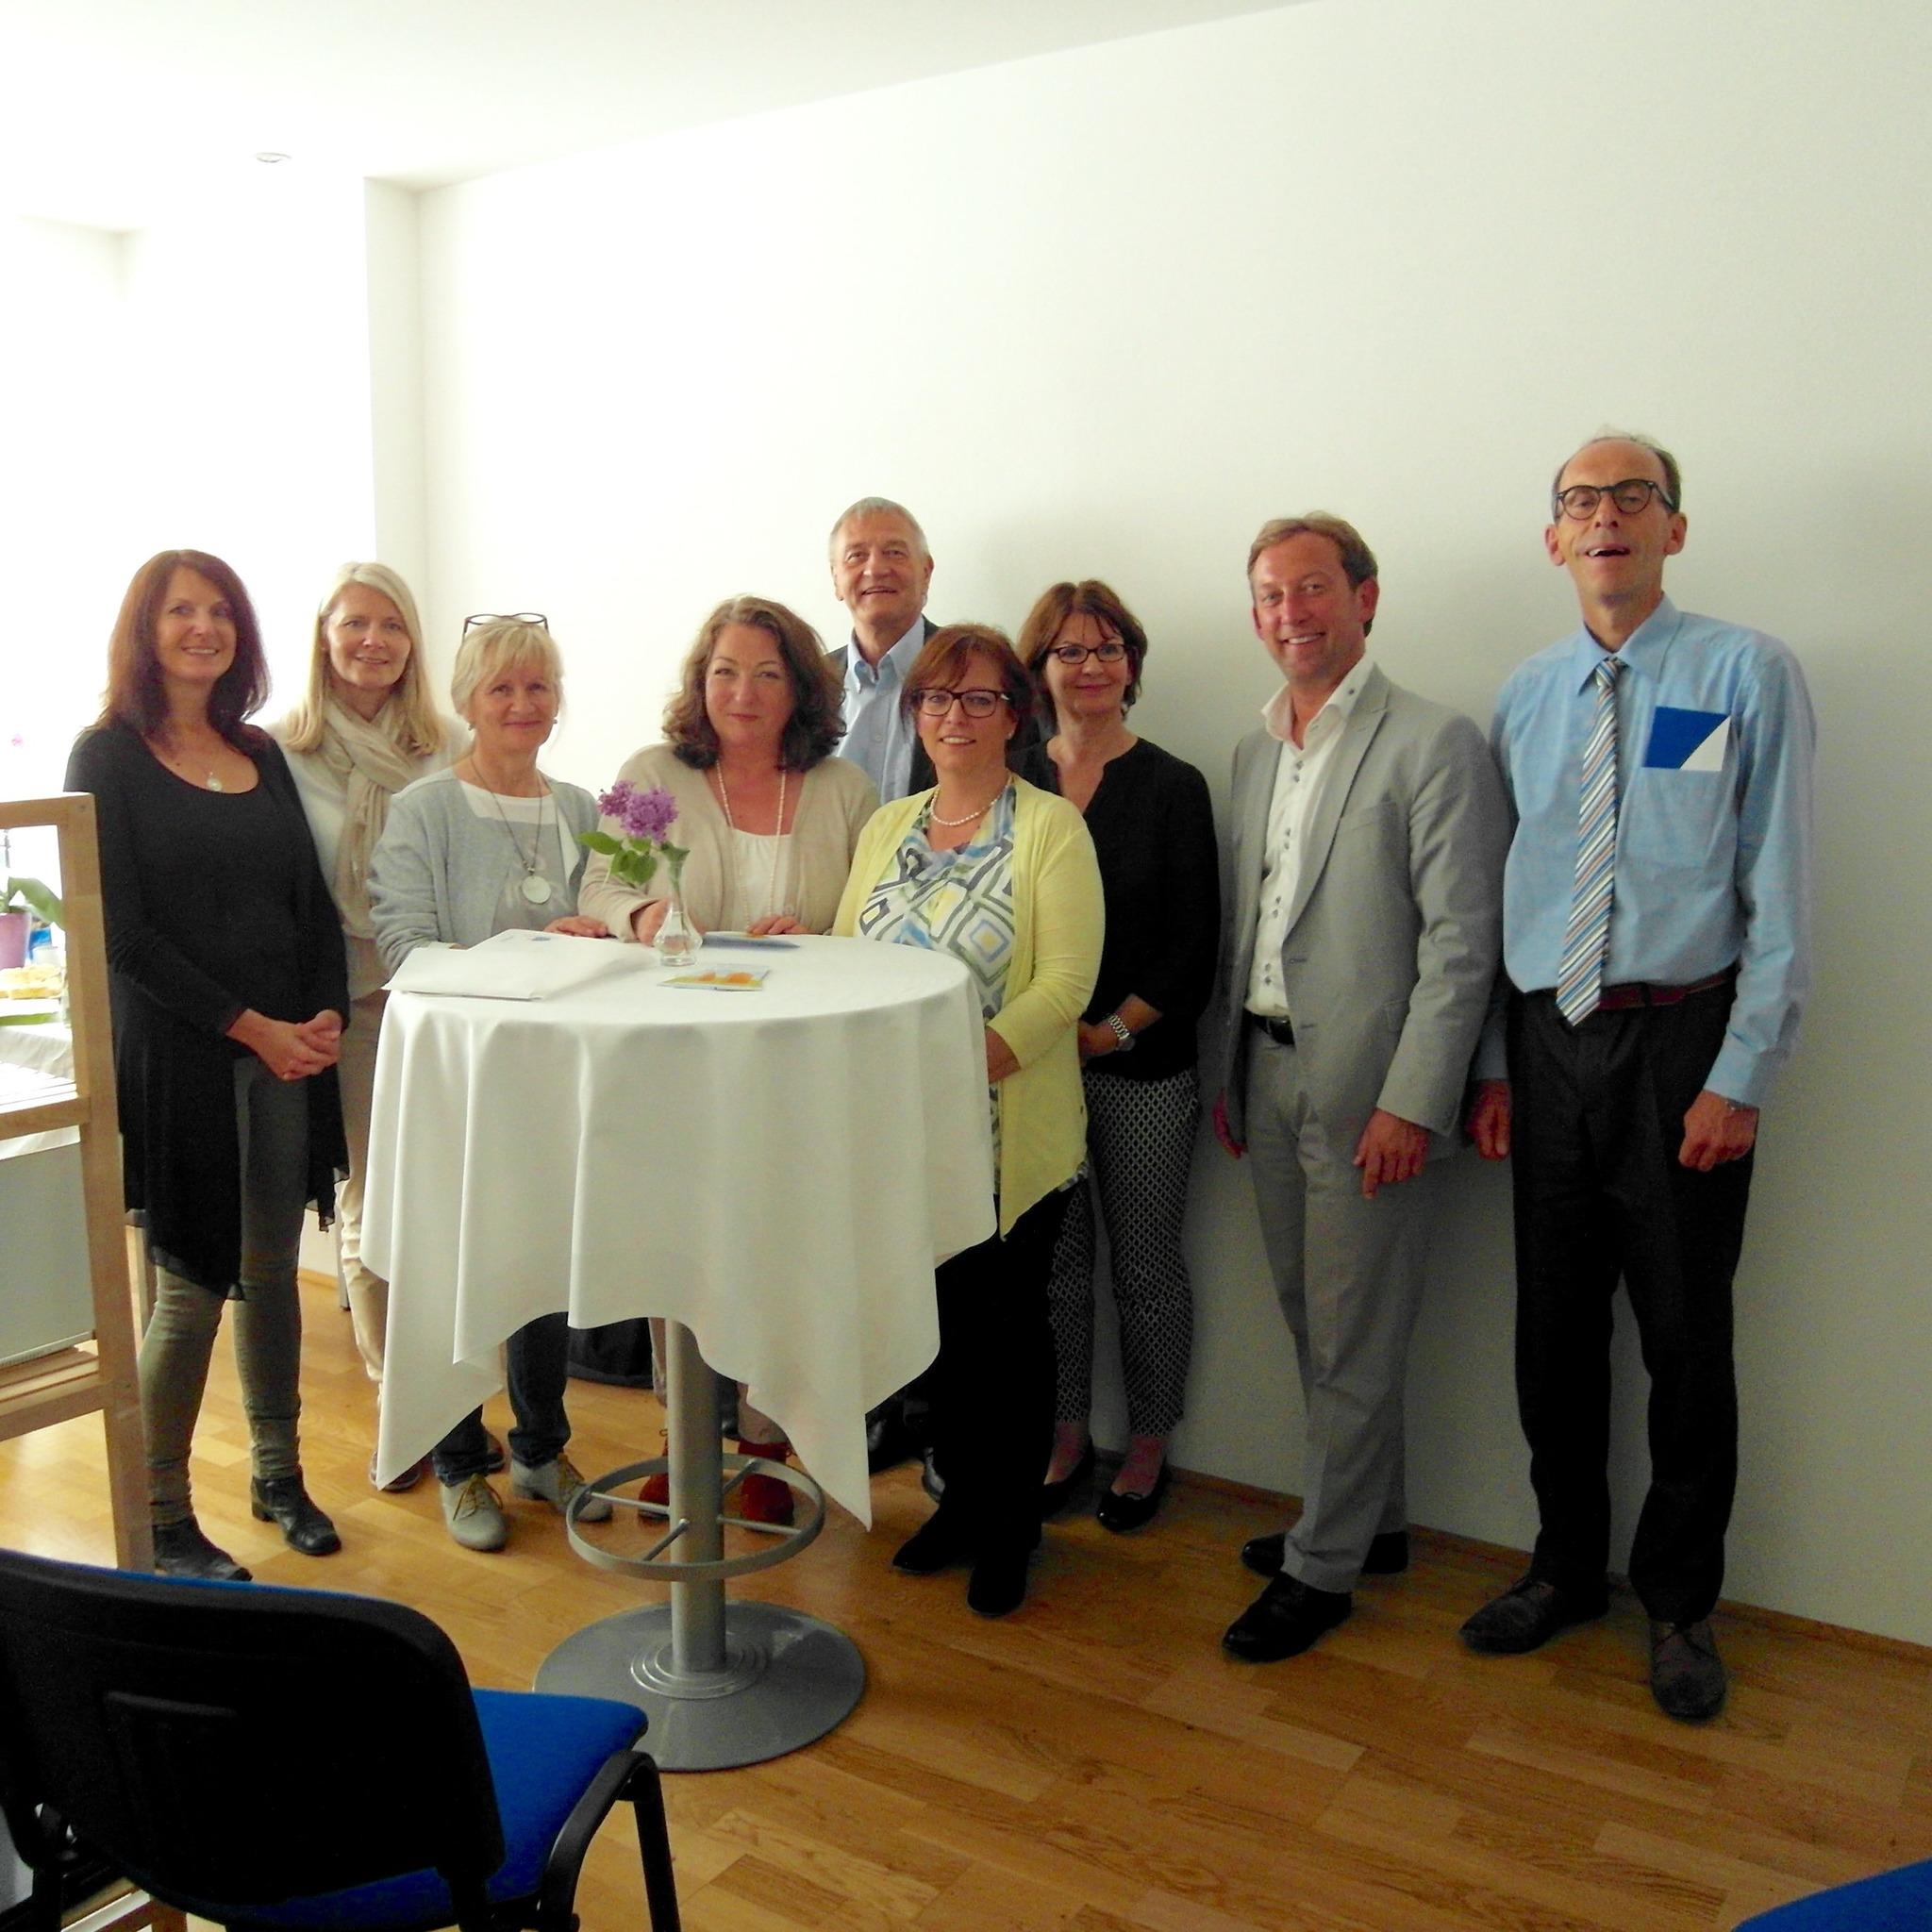 Neues Frauenberufszentrum In Bischofshofen Fördert Die